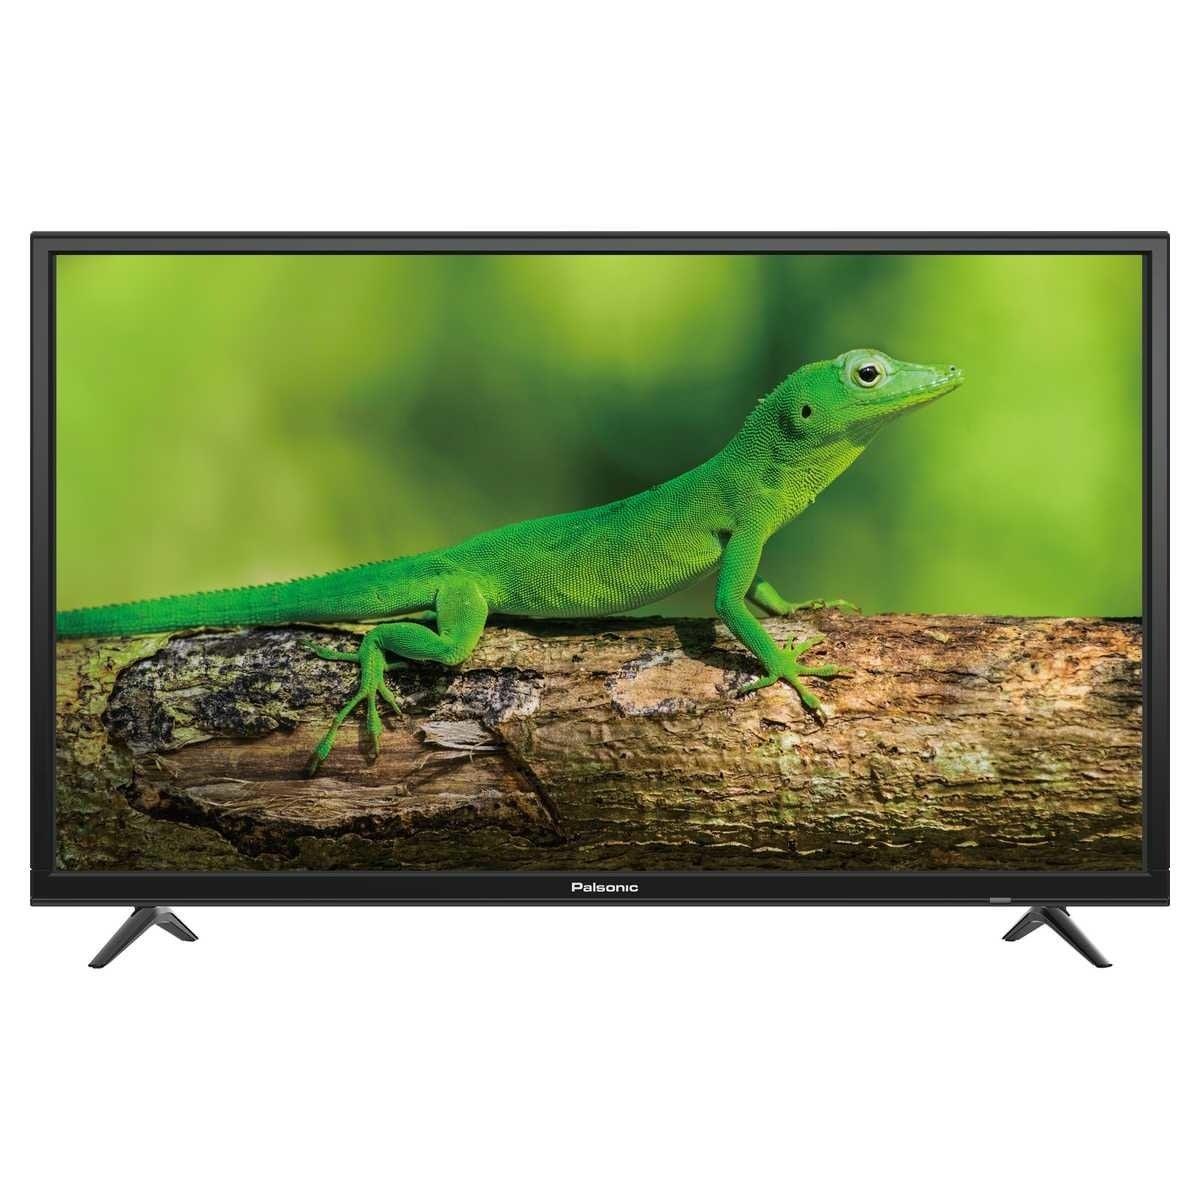 Palsonic PT3215SH 32inch HD LED LCD TV